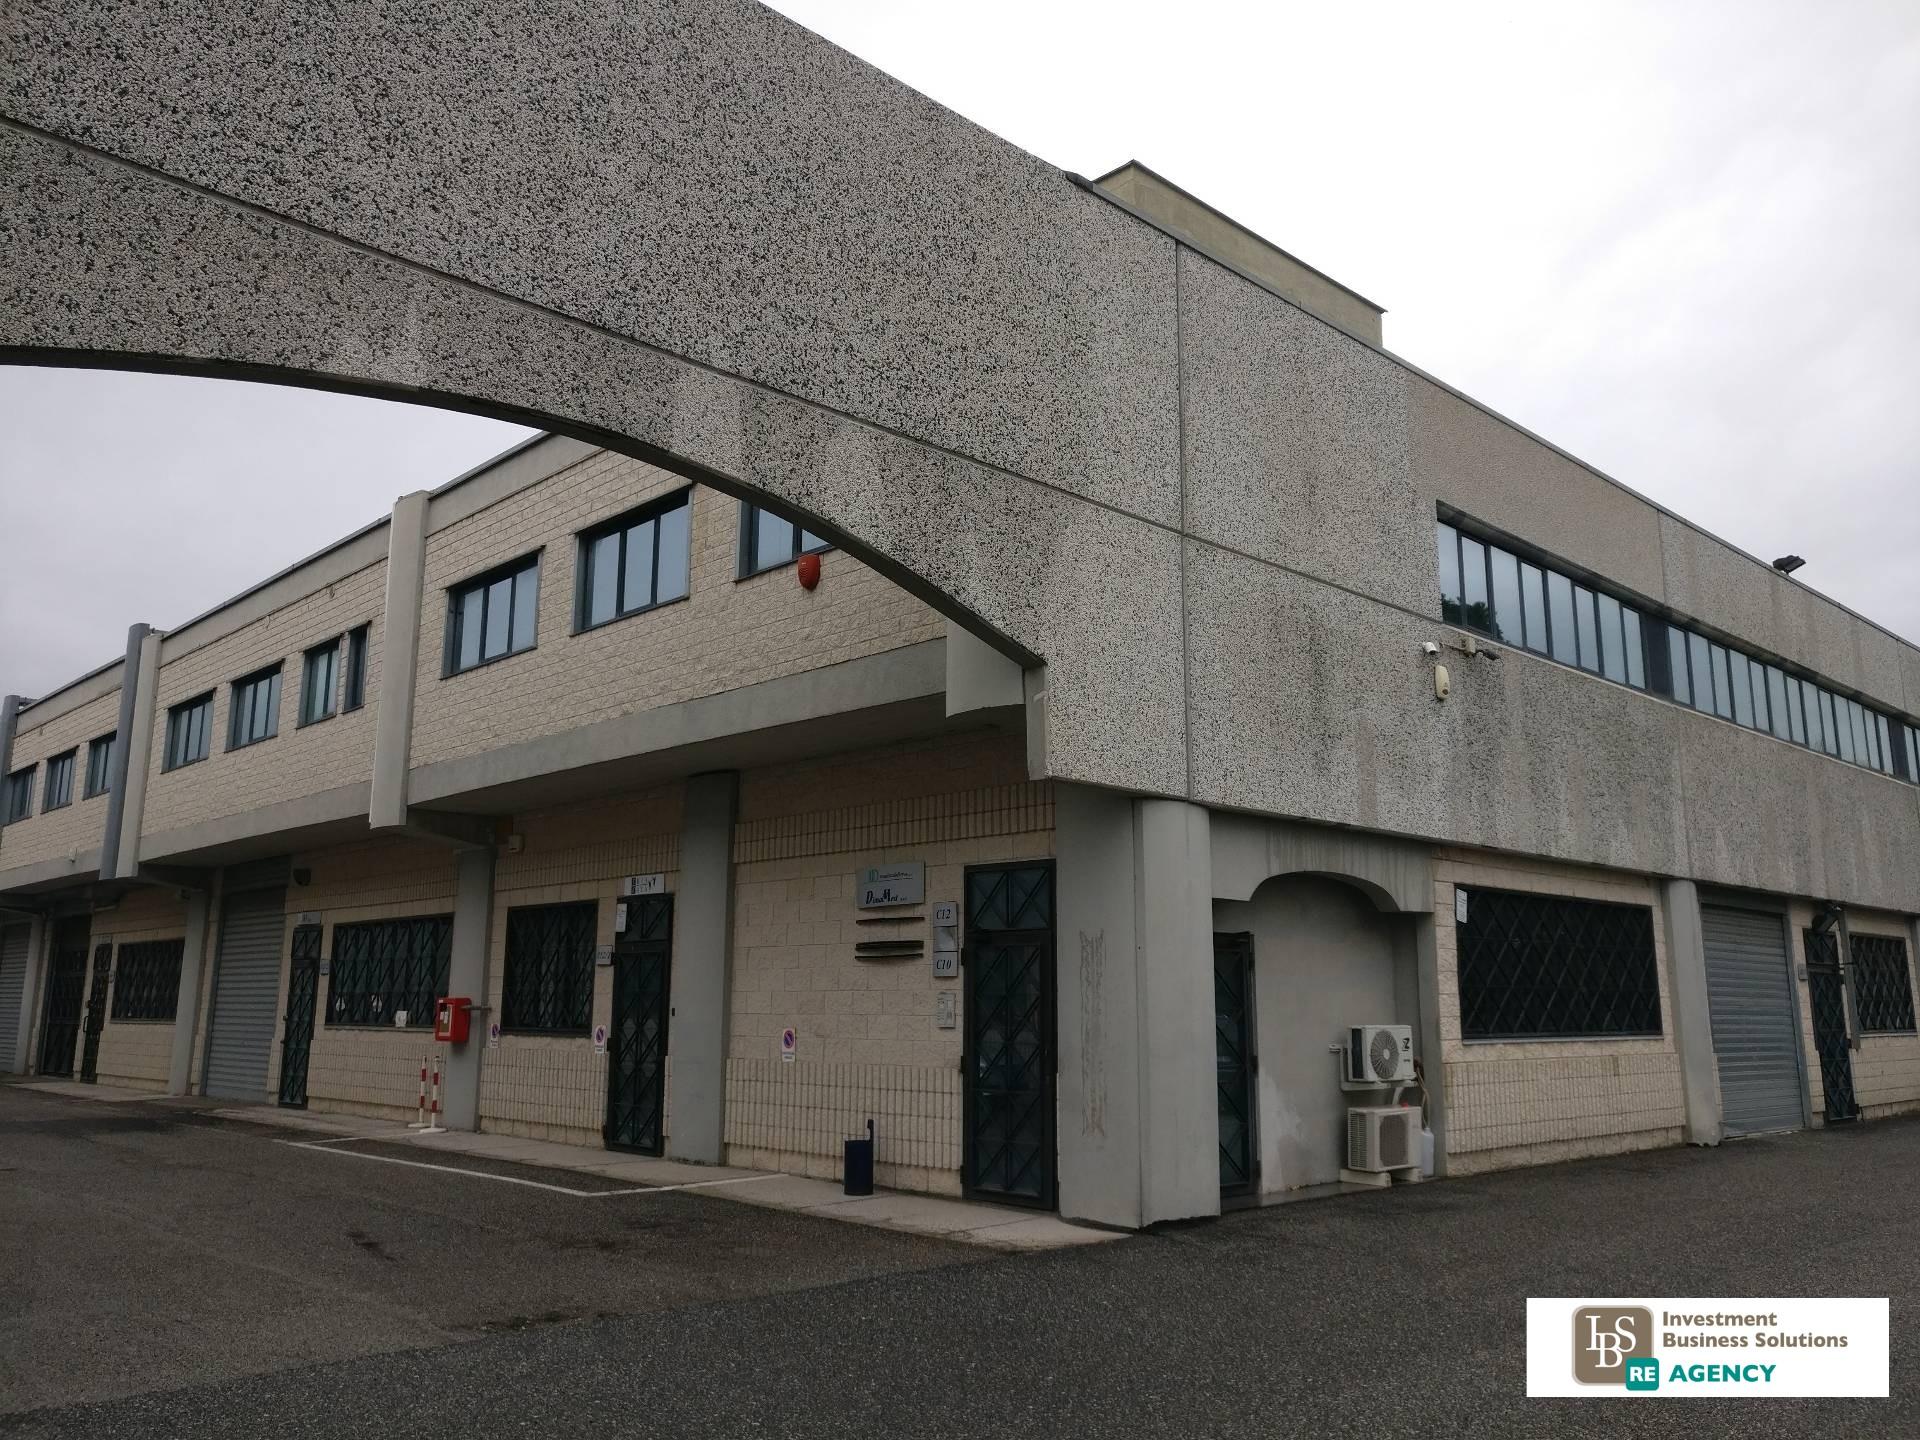 Laboratorio in vendita a Formello, 9999 locali, prezzo € 198.000   CambioCasa.it